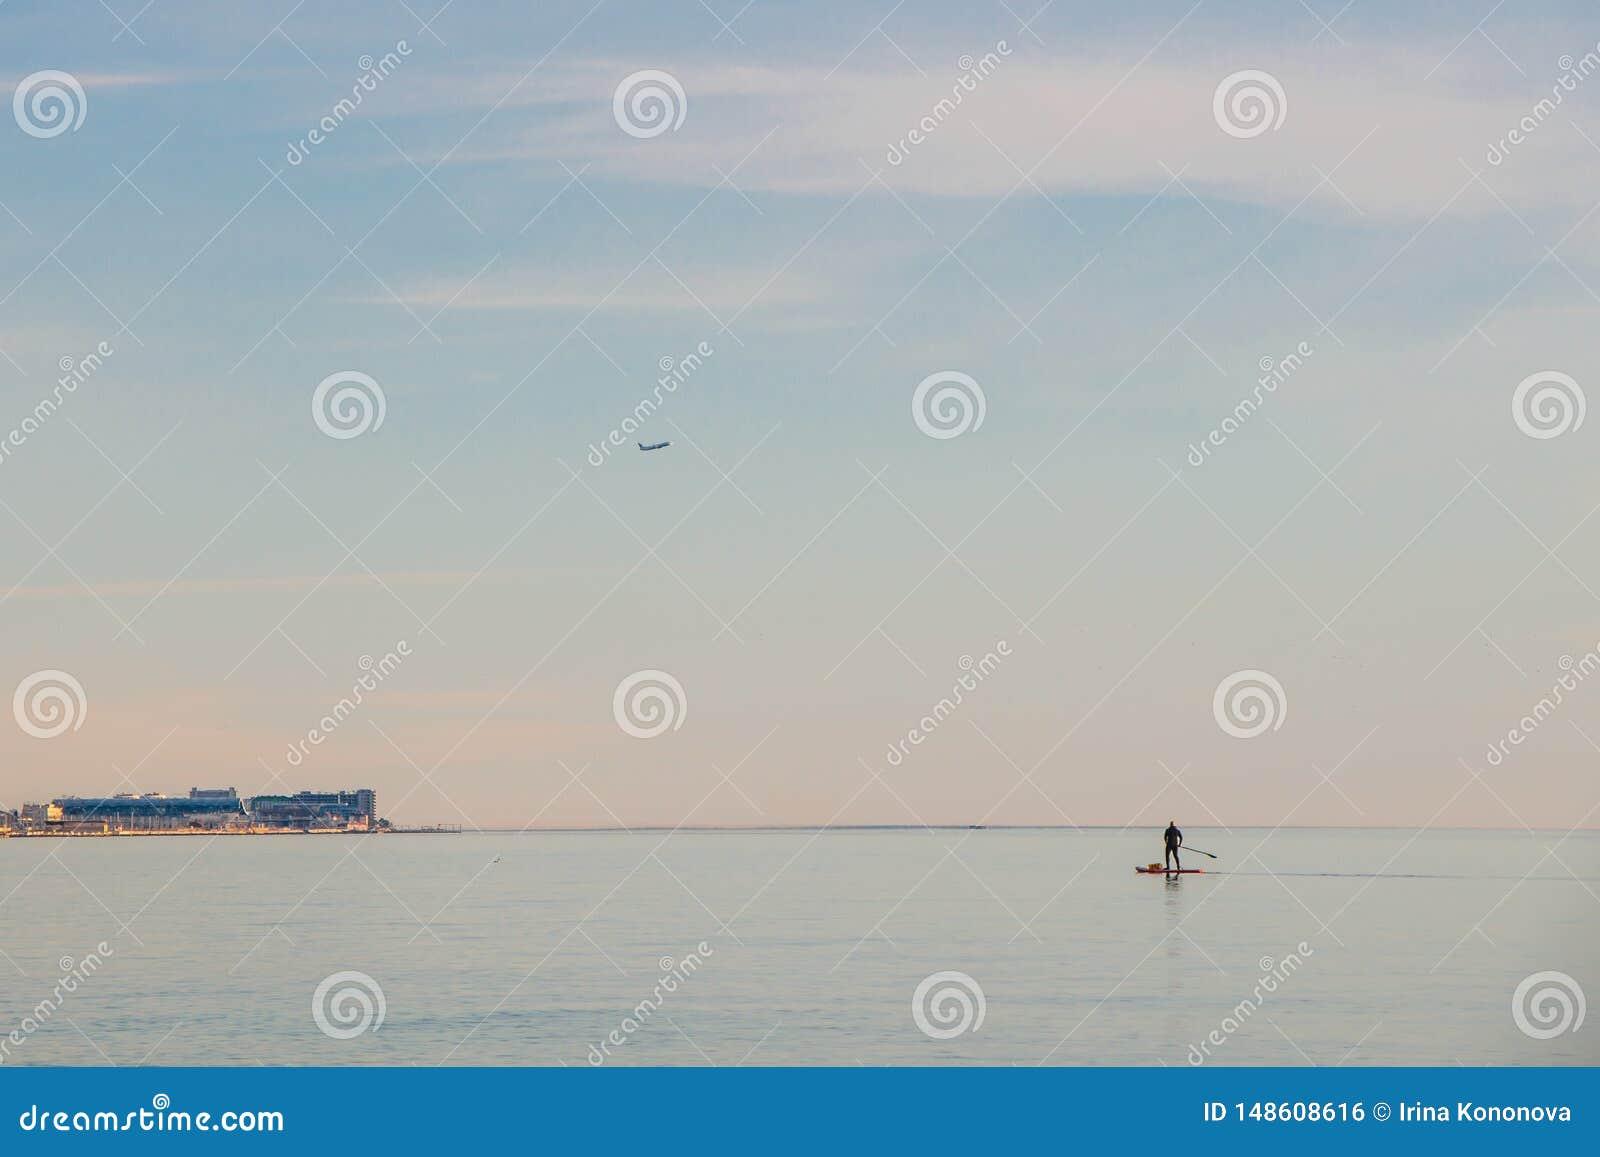 Ένα απομονωμένο άτομο με μια τσάντα που κινείται πέρα από τη θάλασσα σε μια ιστιοσανίδα με ένα κουπί r